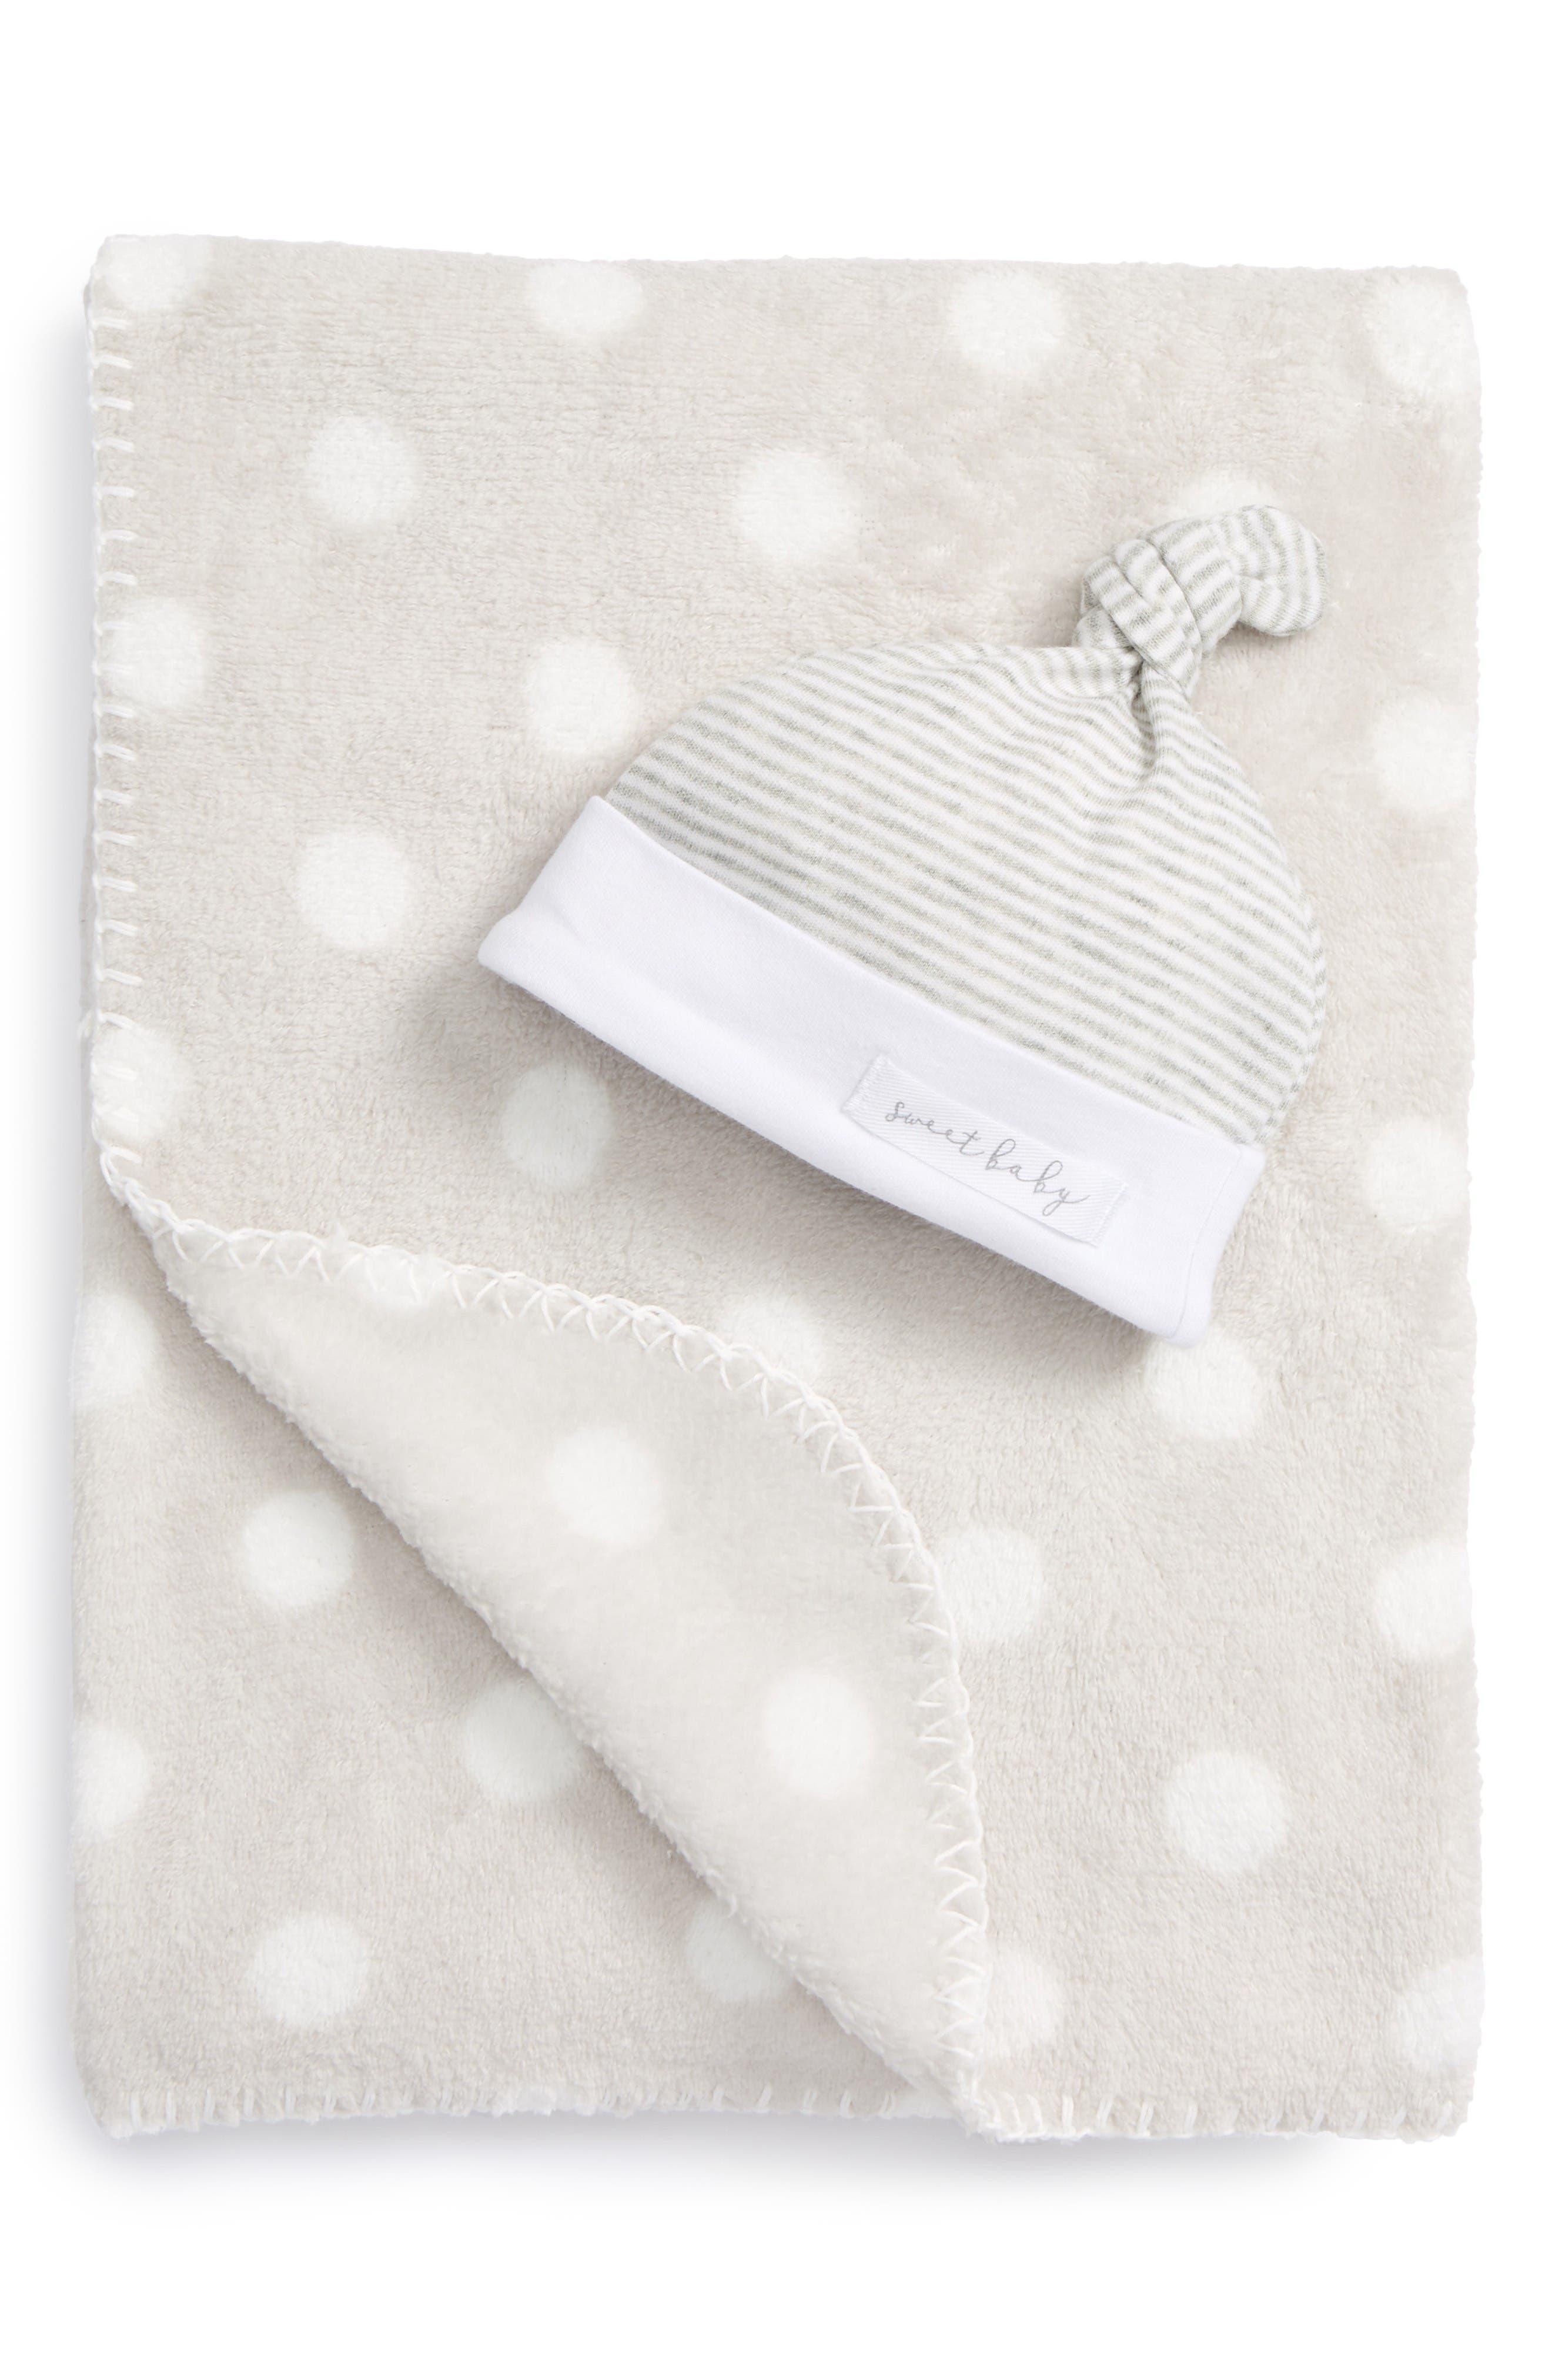 Main Image - Mud Pie Sweet Baby Receiving Blanket & Hat Set